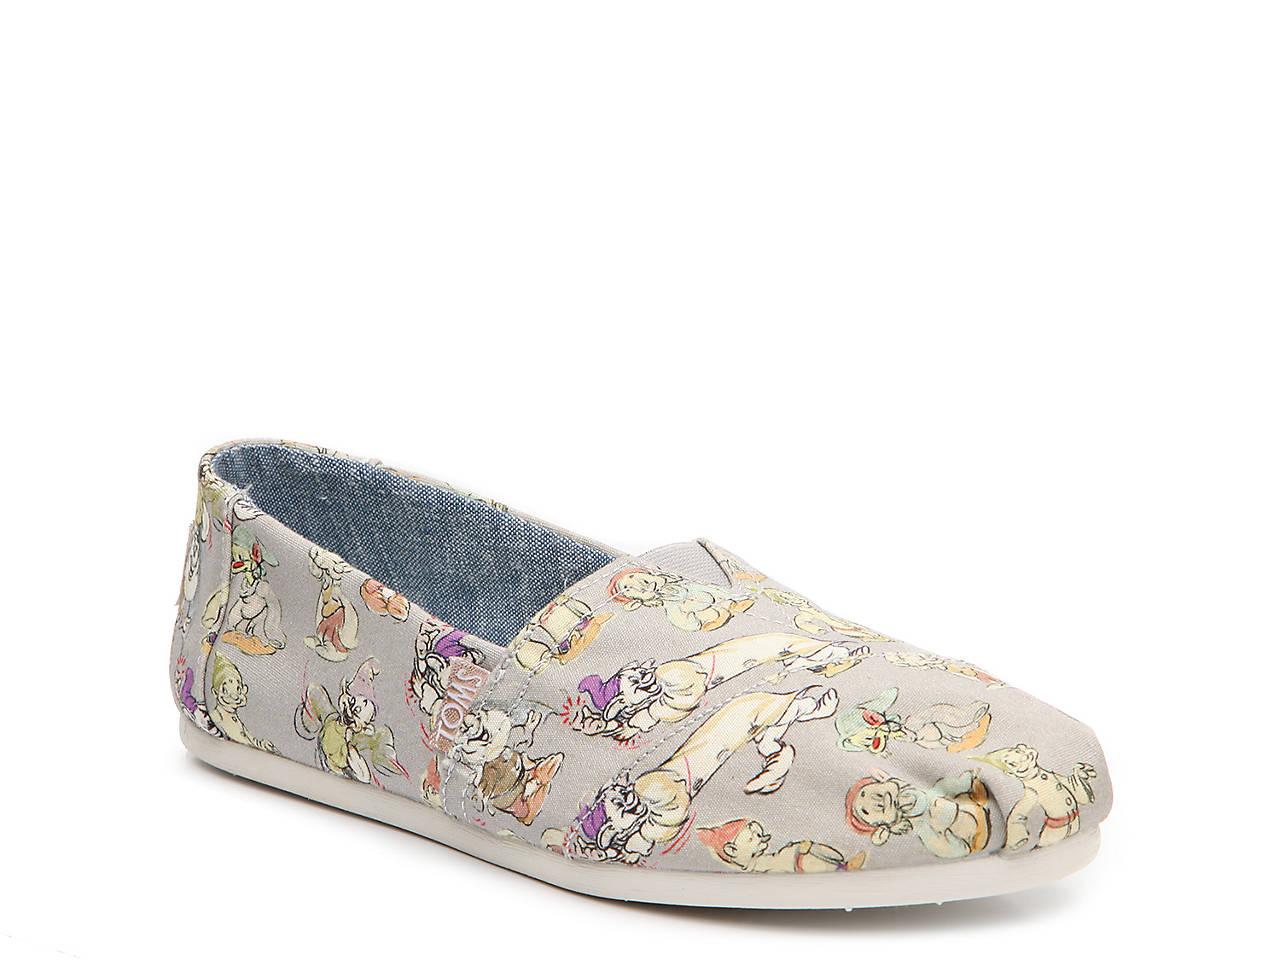 56dcd68d735 TOMS Seven Dwarfs Classic Slip-On Women s Shoes